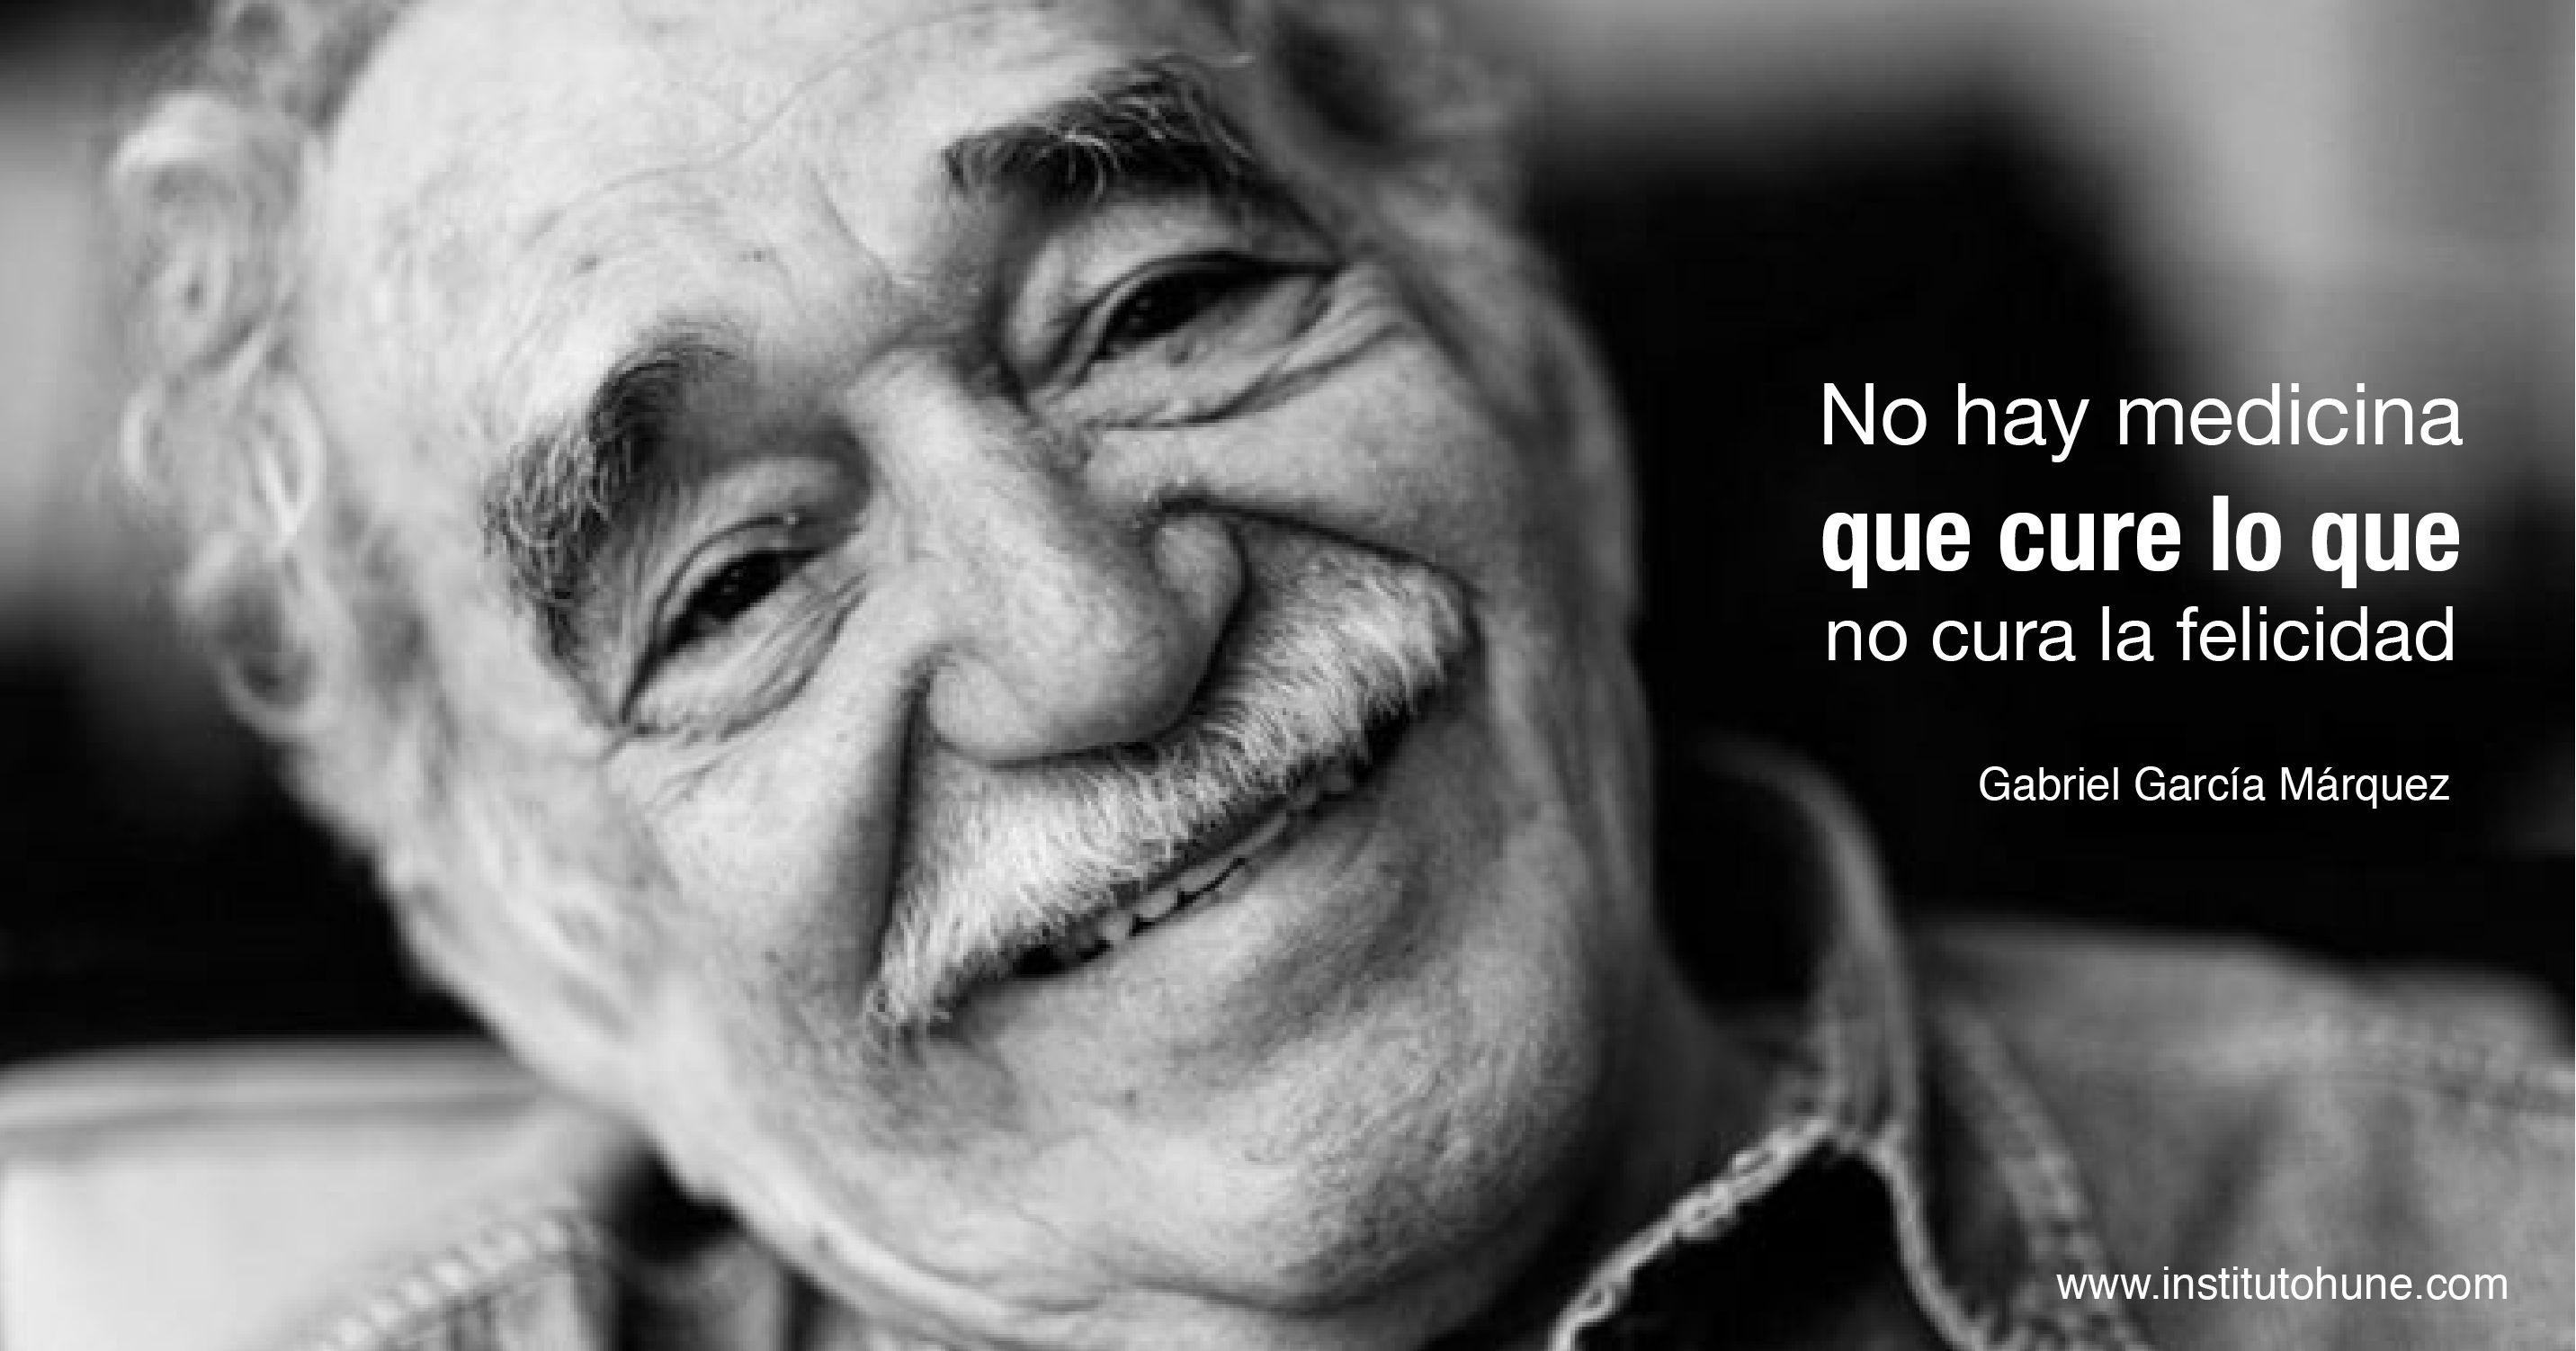 Palabra de Gabriel García Marquez #Felicidad